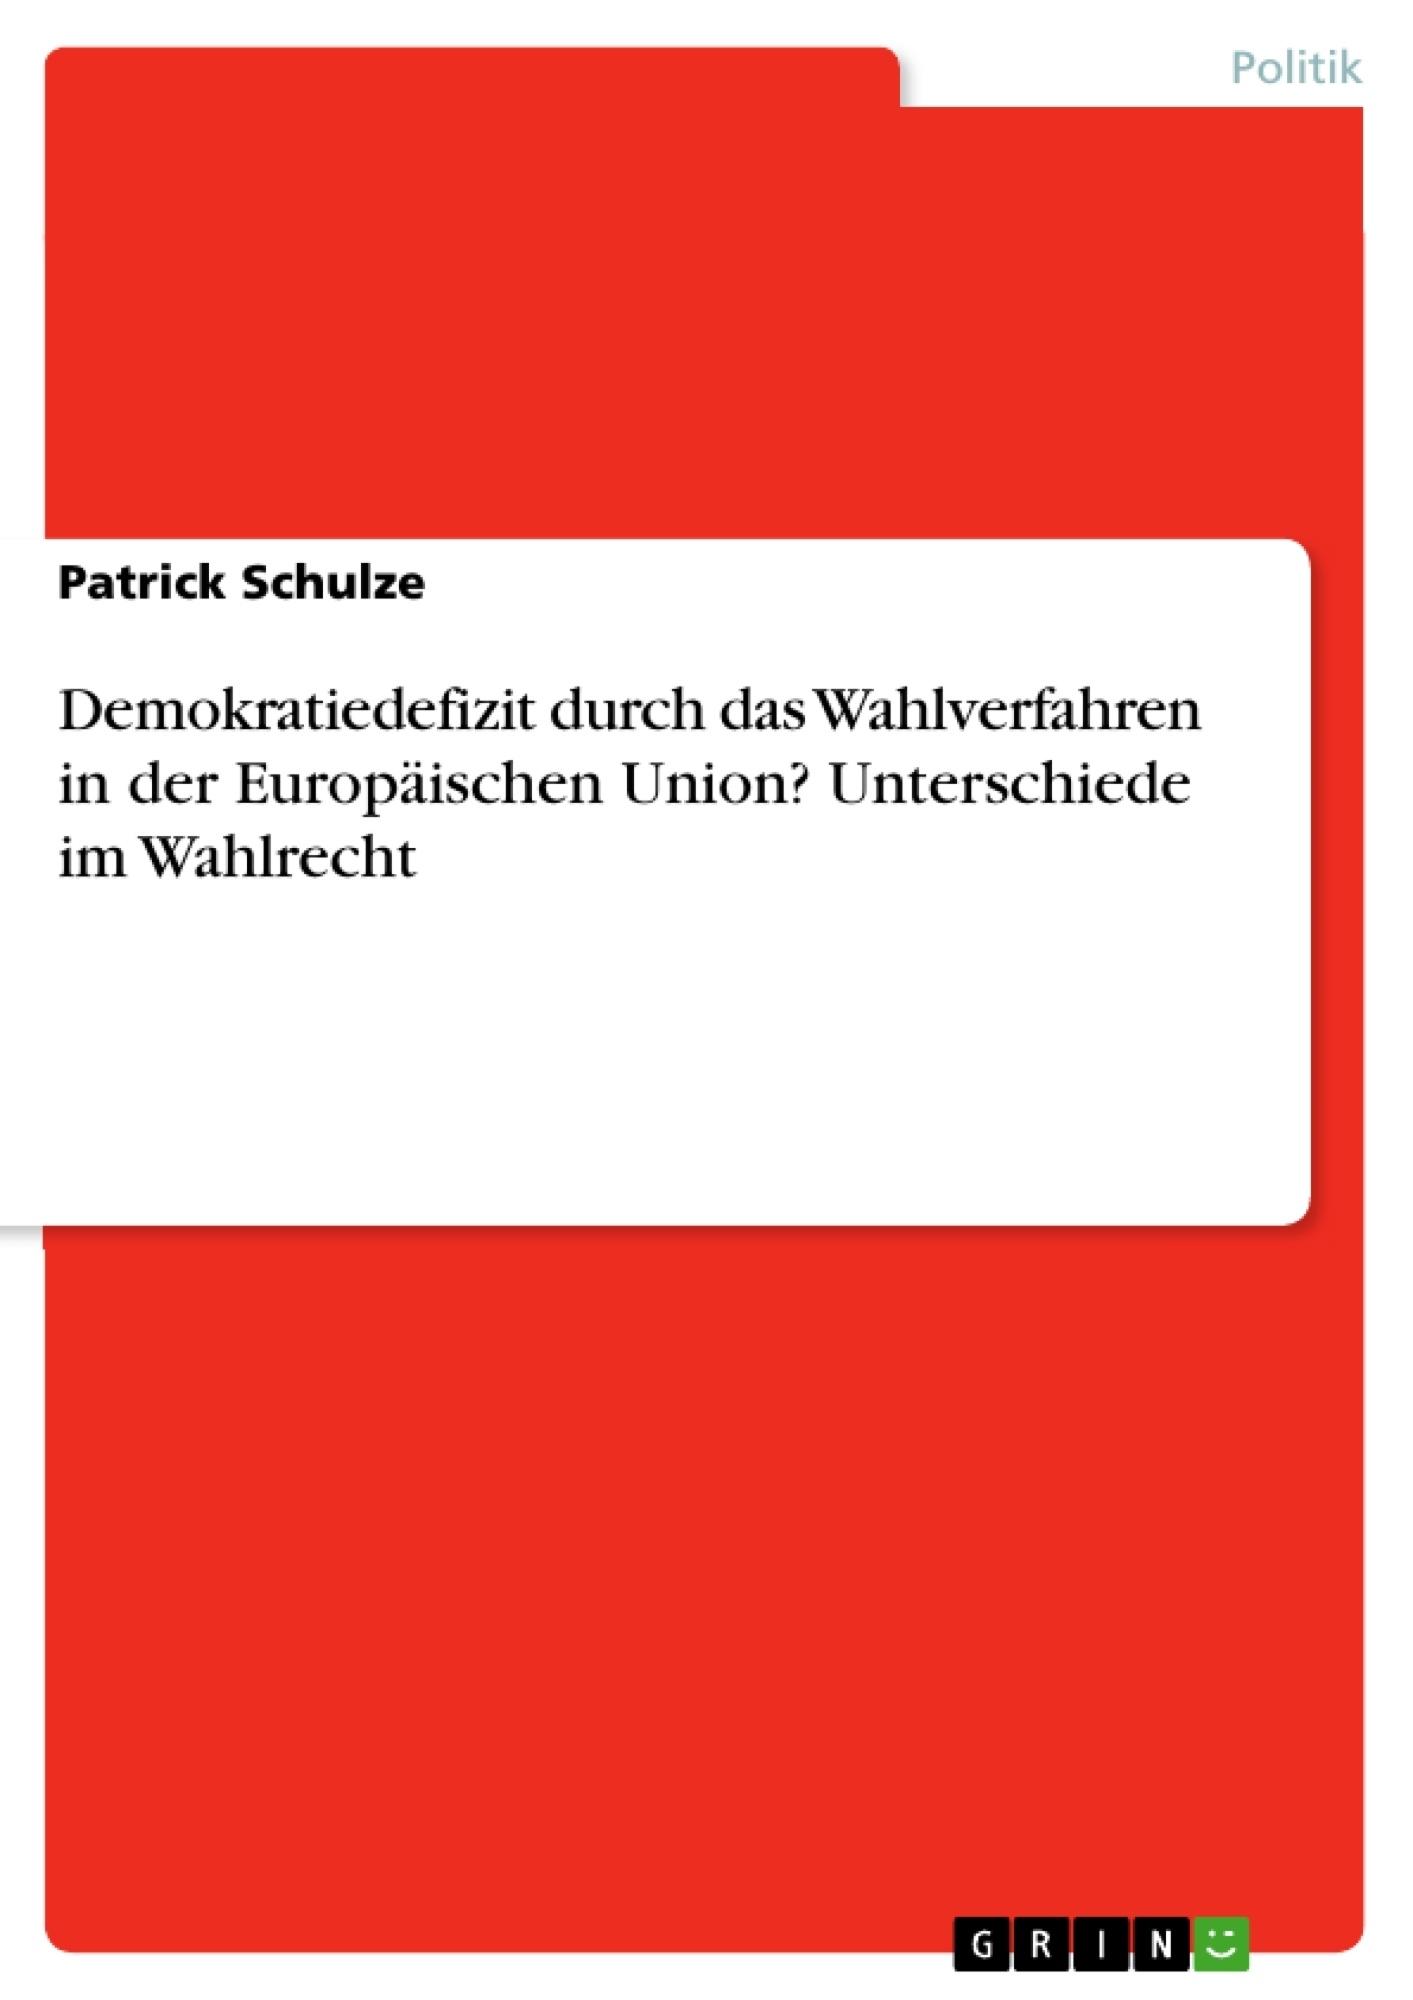 Titel: Demokratiedefizit durch das Wahlverfahren in der Europäischen Union? Unterschiede im Wahlrecht